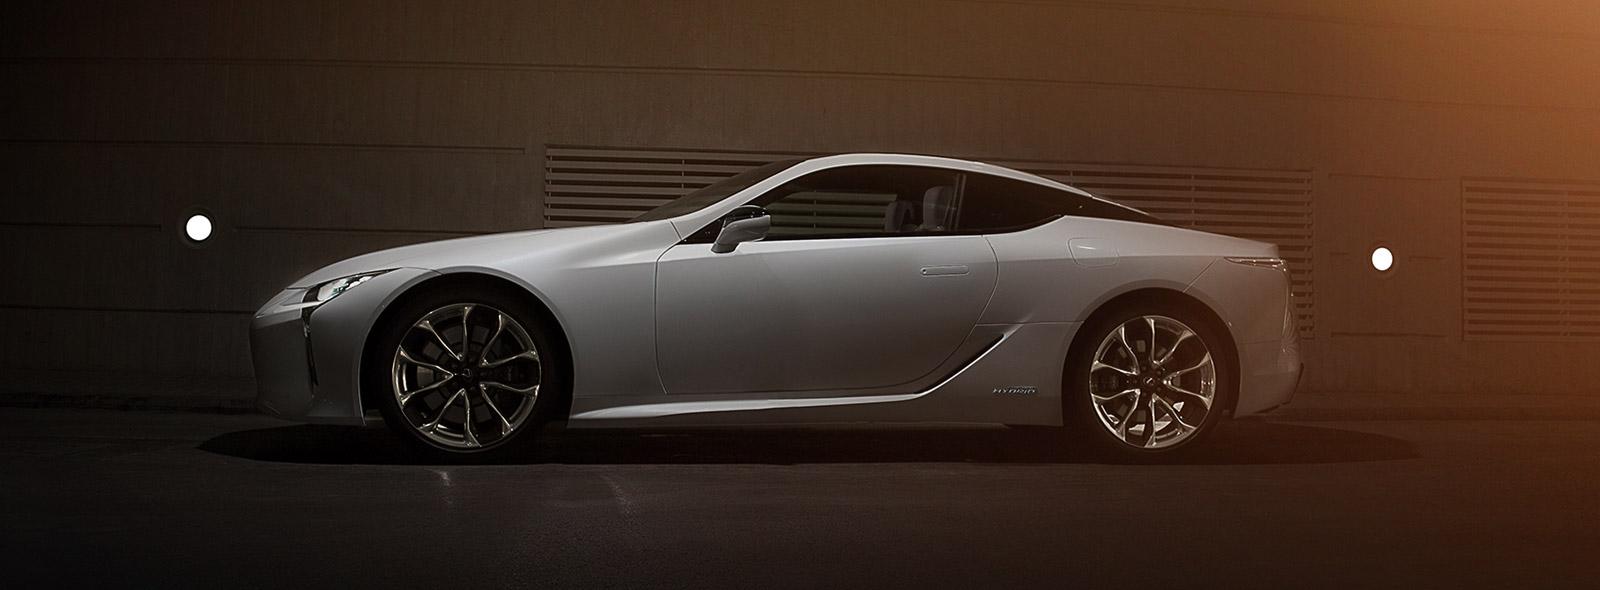 Стильный белый гибрид Lexus LC вид сбоку